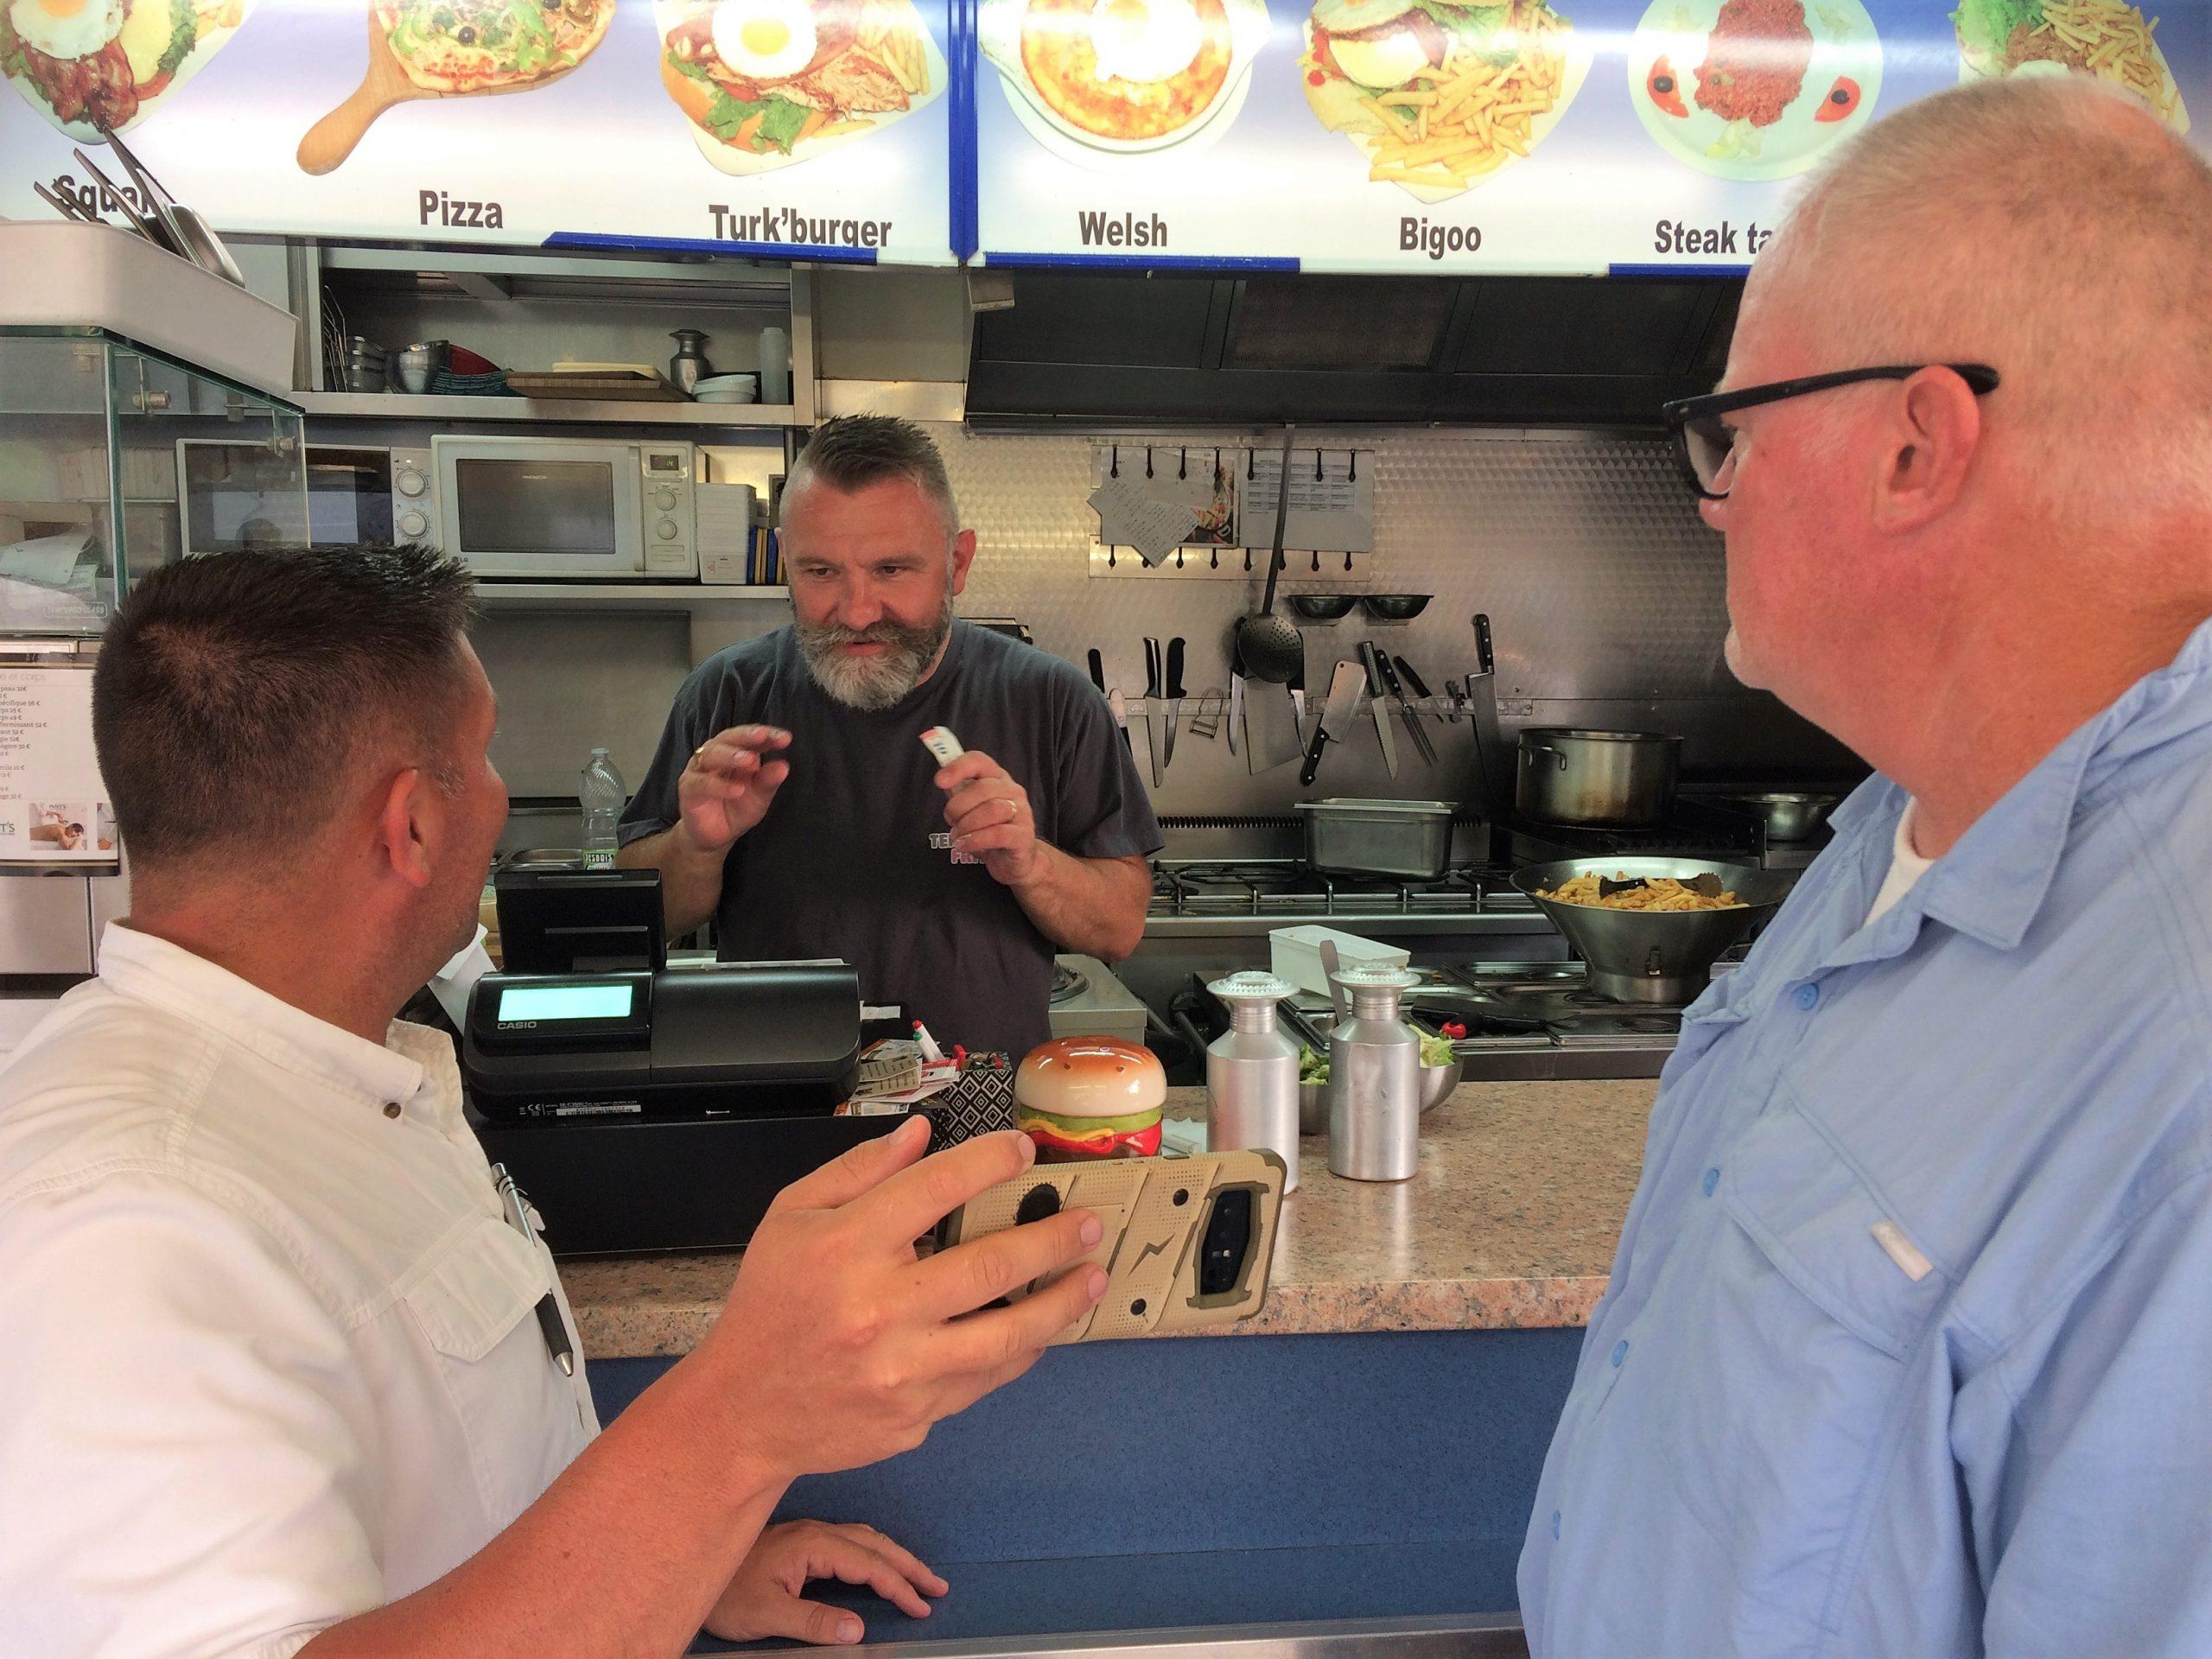 Finding George Chapitre 2 : la Communauté de la Baguette